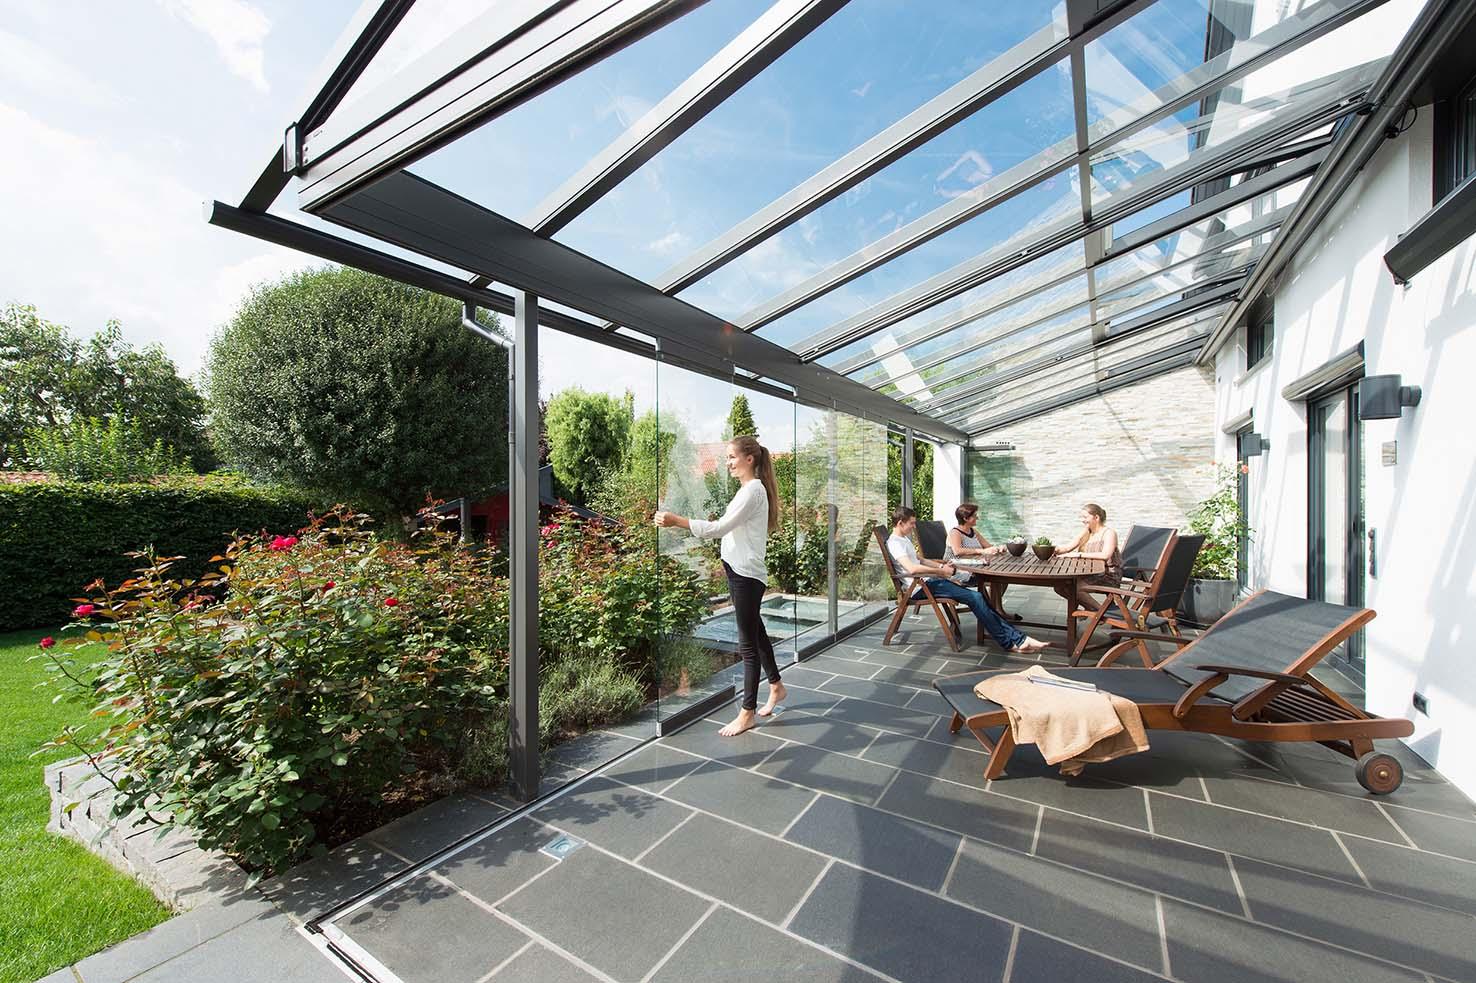 Terrassenüberdachun mit junger Frau, die Glaselemente verschiebt